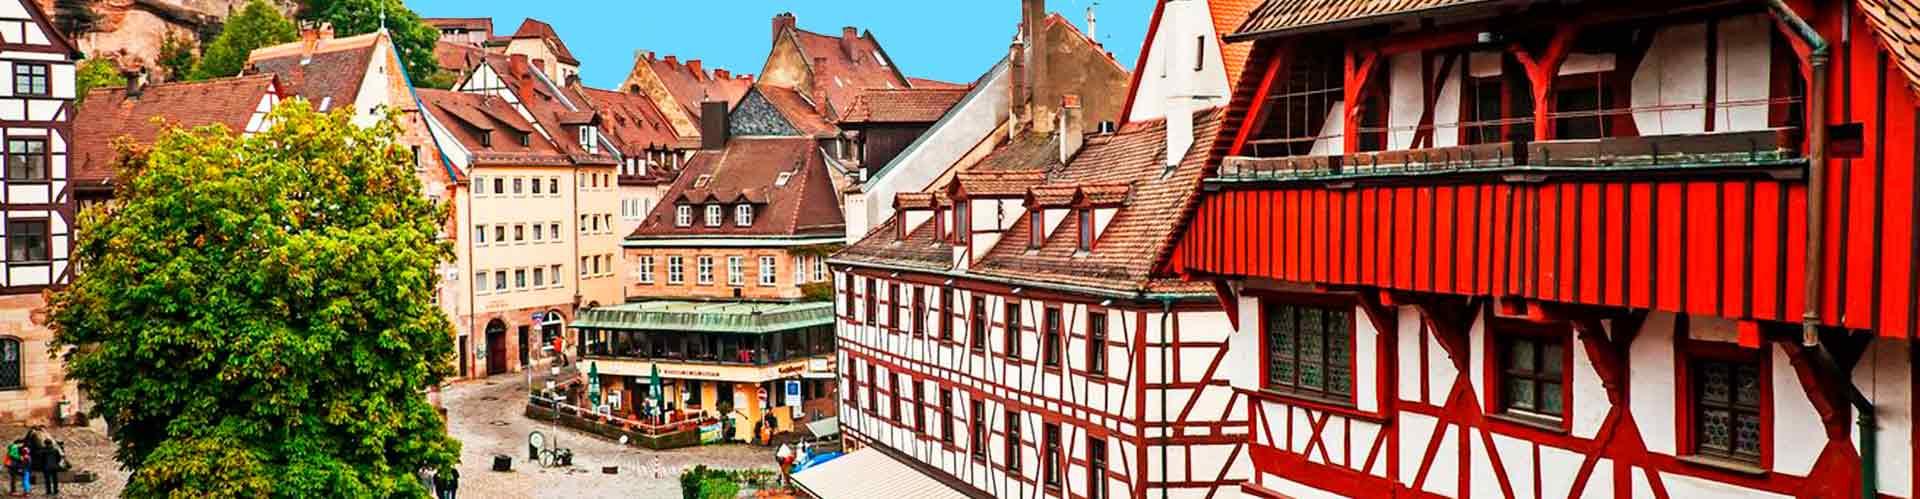 Free Tour Nuremberg - Turismo en Alemania